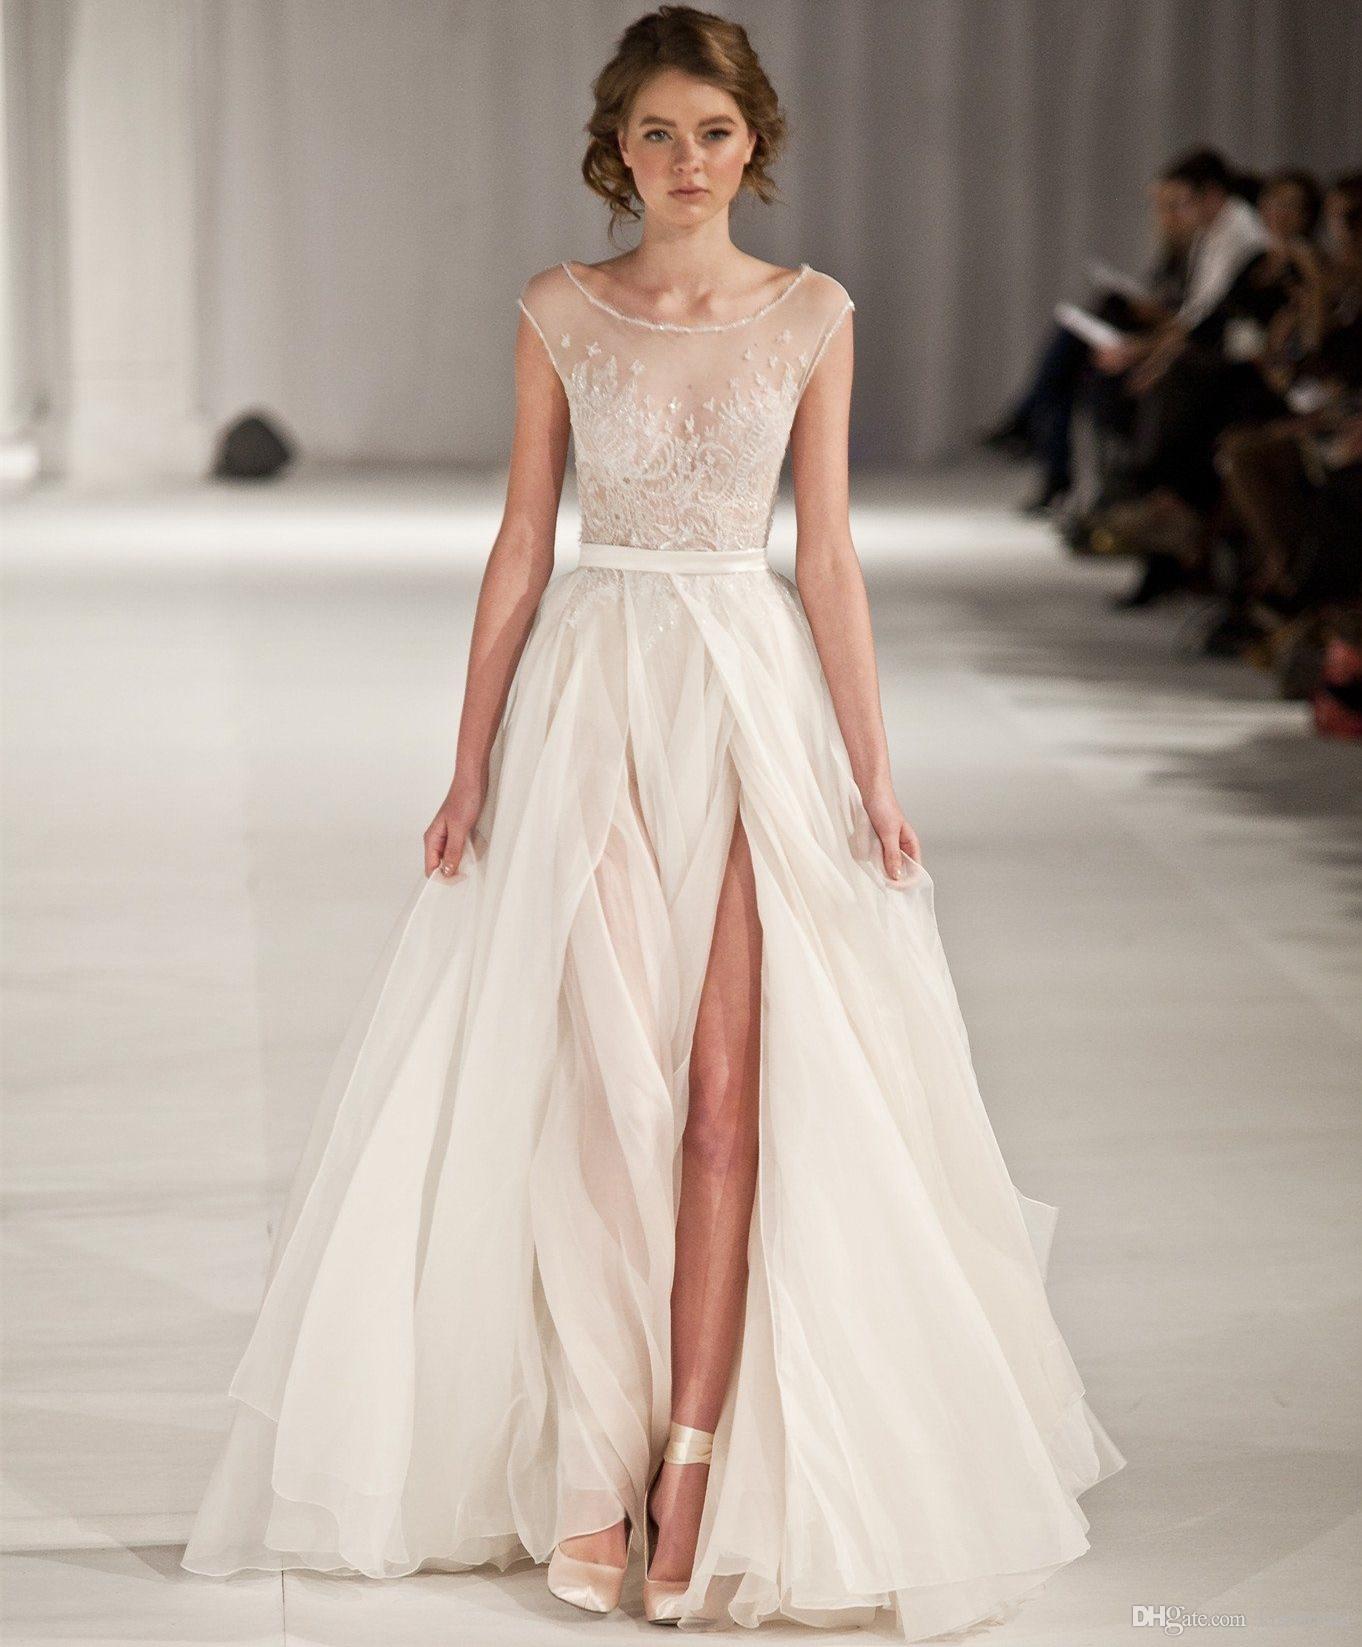 Elie Saab Пром платья Длинные 2019 Line Scoop Шея с коротким рукавом Формальные вечерние платья Sheer Bodice Split Celebrity Red Carpet Dress